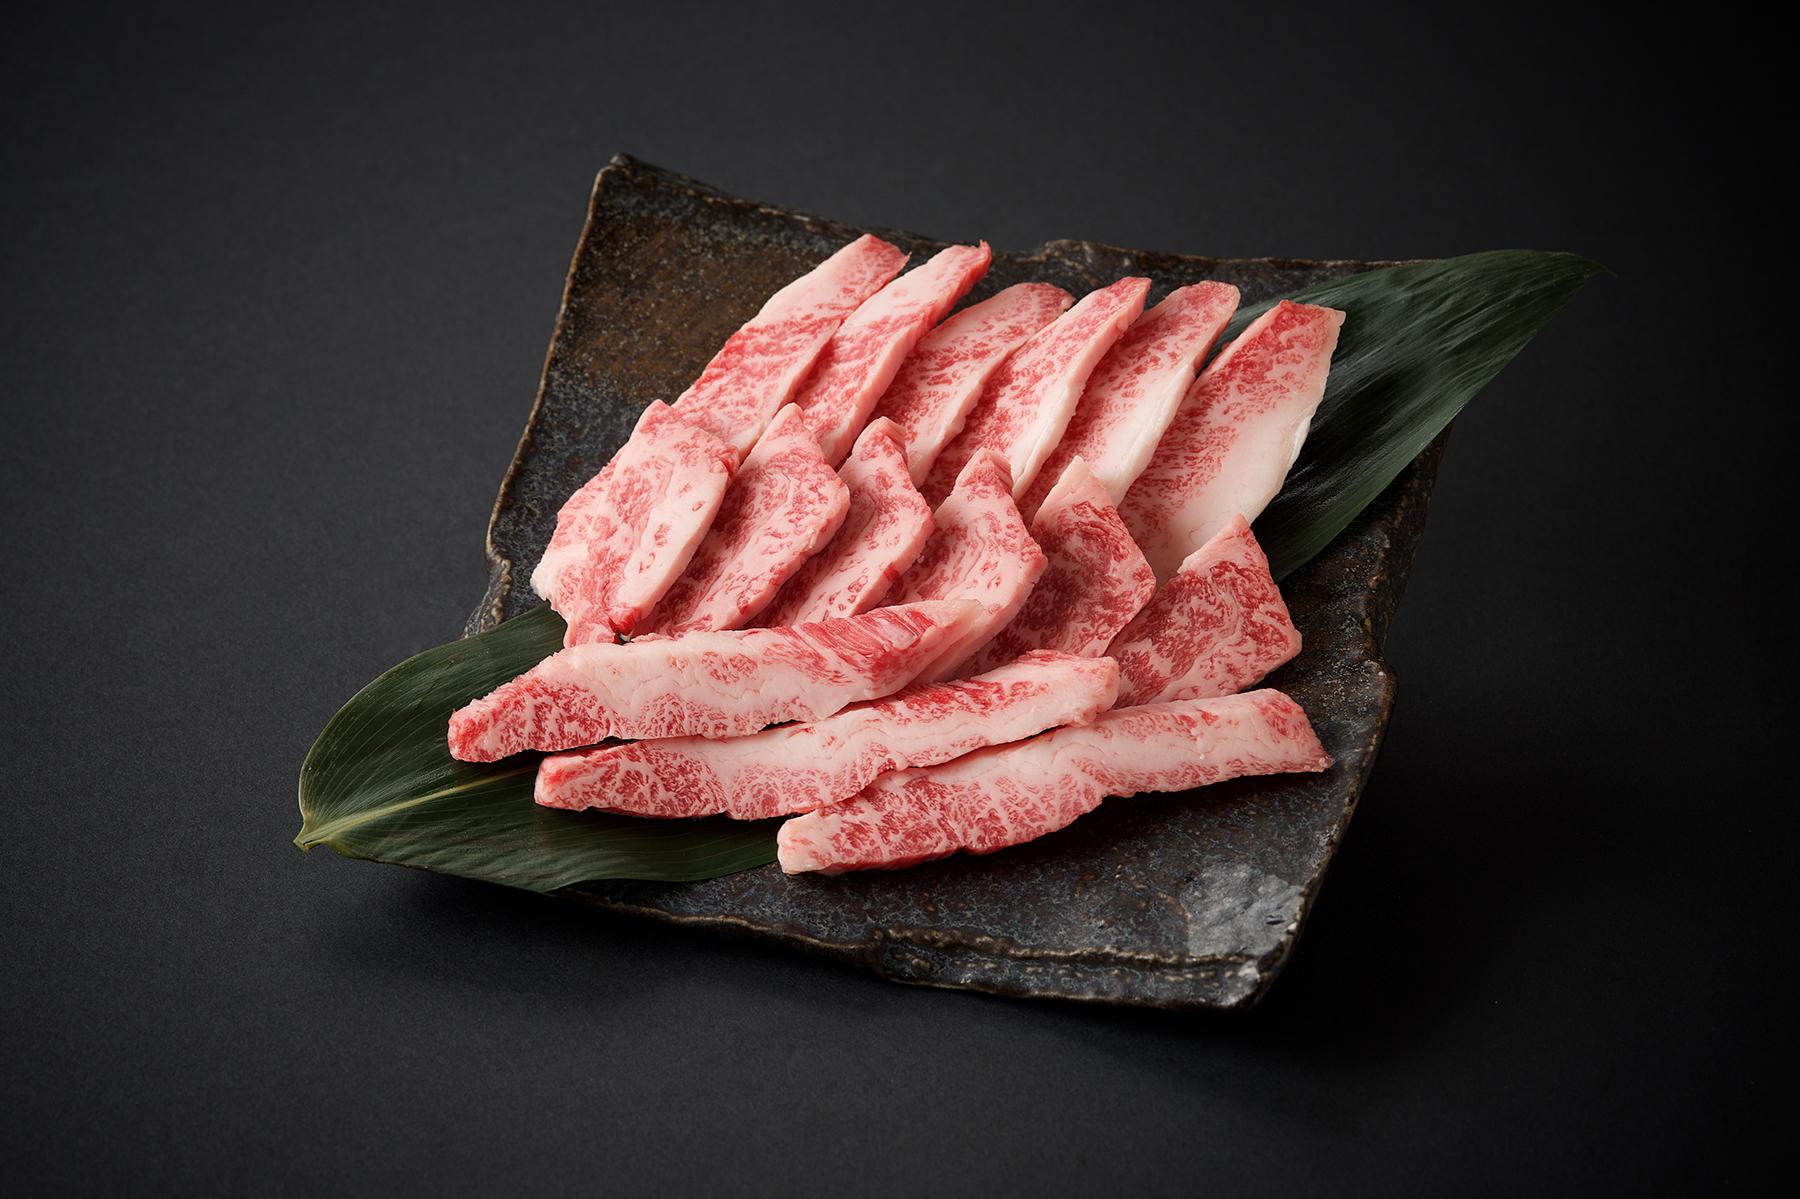 九州産黒毛和牛 カルビ焼肉/100g(580)